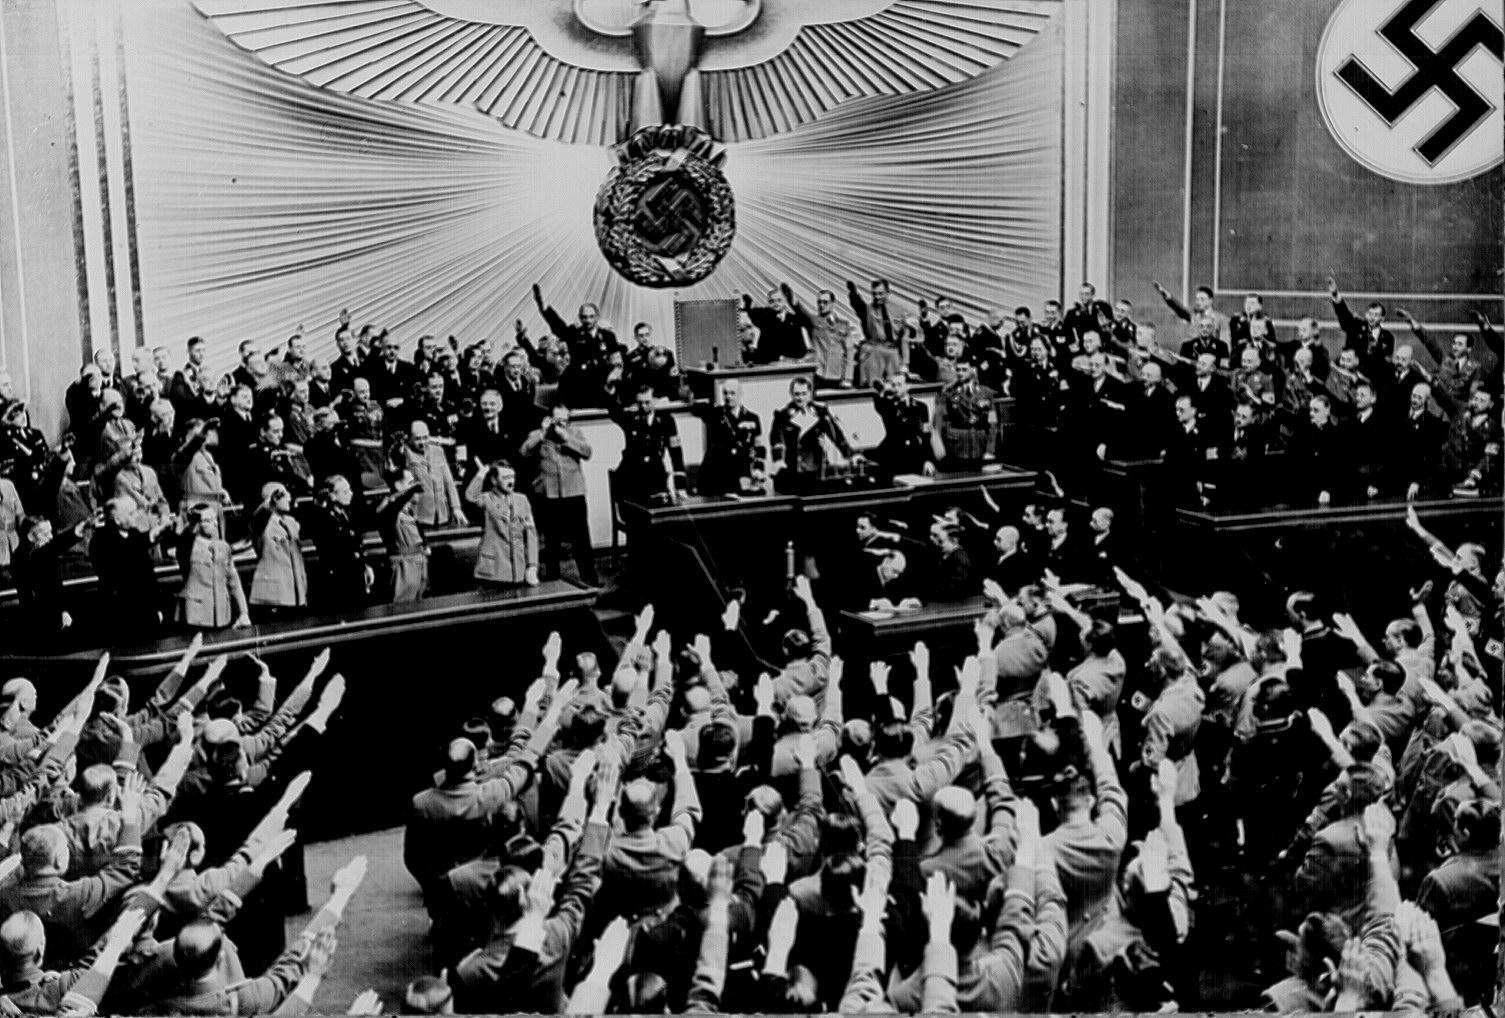 Adolf Hitler in the Reichstag, 1938